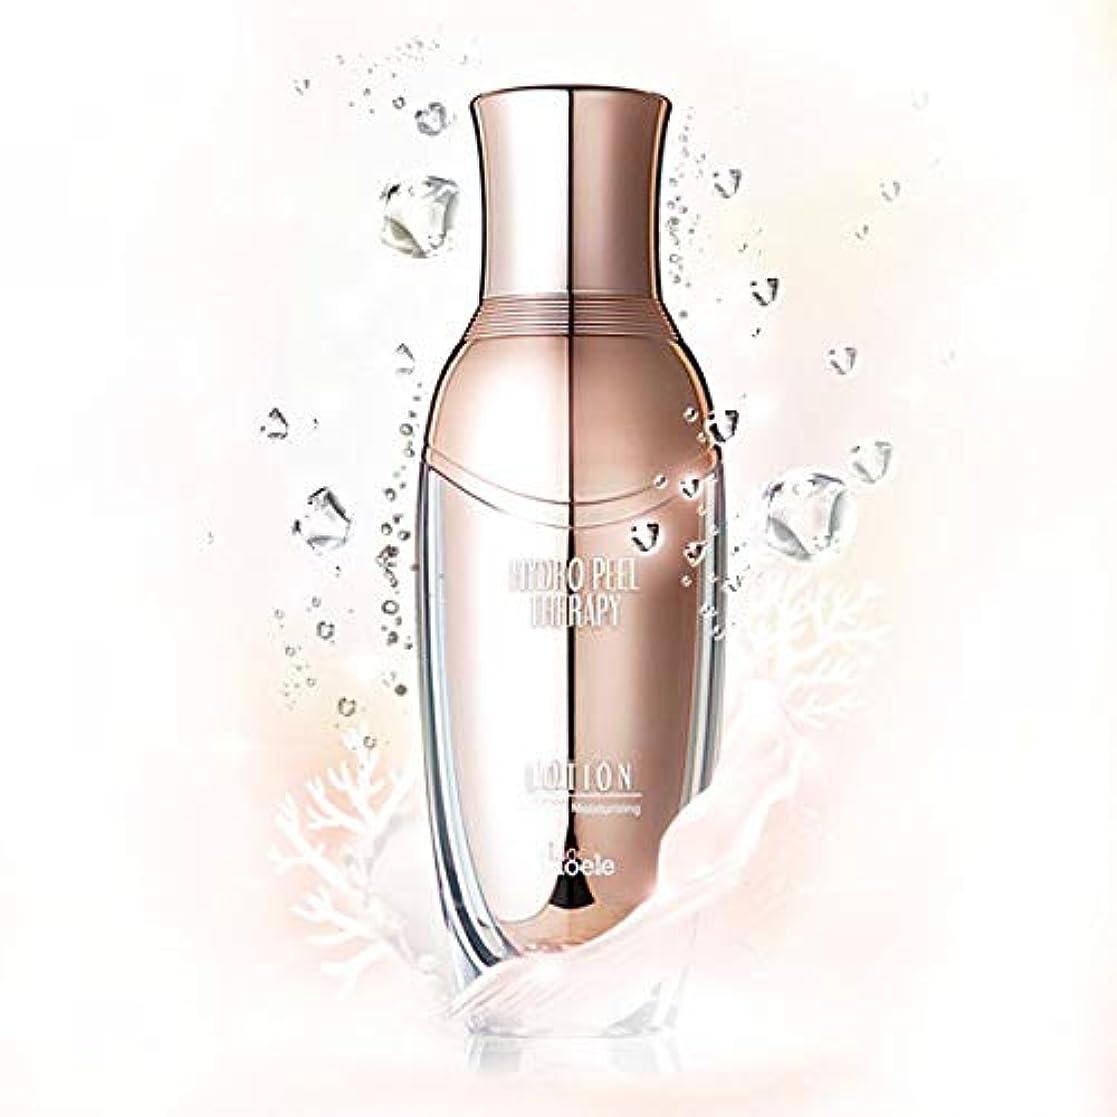 行き当たりばったり基礎理論テレマコスLioele (リオエリ) ハイドロ ピール テラピー ローション / 海洋深層水の豊富なミネラルでさっぱり溶け込むローション / Hydro Peel Therapy Lotion (120ml) [並行輸入品]